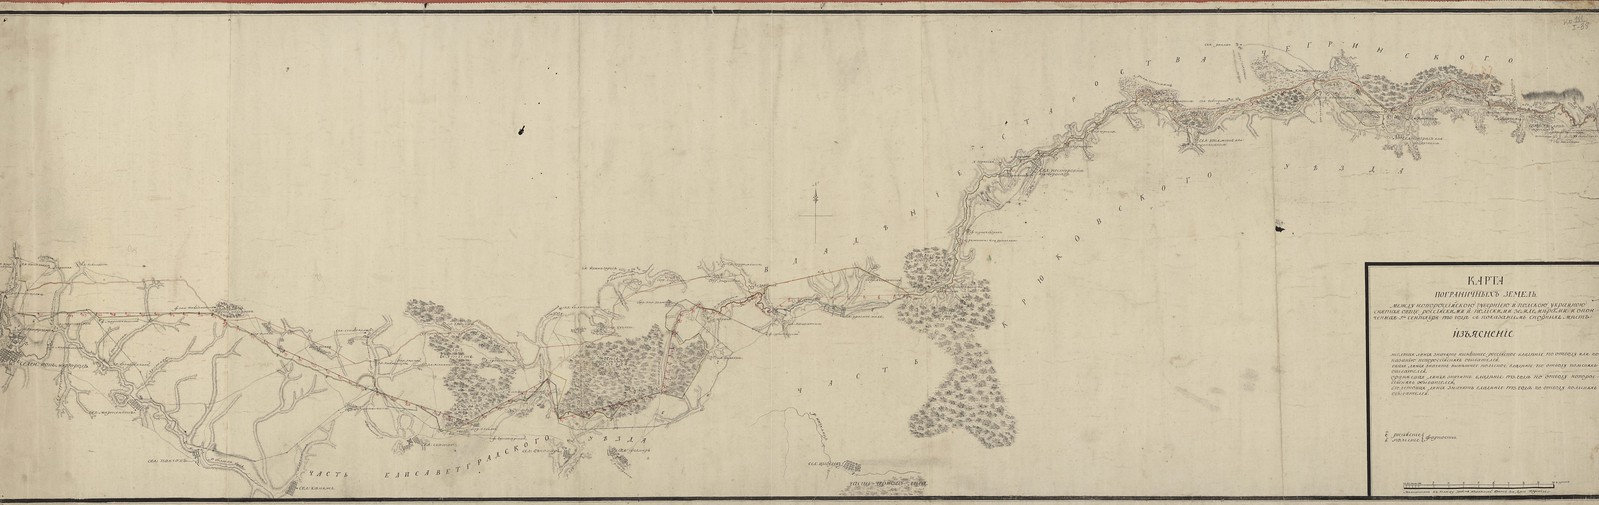 Карта пограничных земель между новороссийскою губерниею и полскою украиною снятая обще российскими и польскими землемерами и оконченная 5-го сентября 1780 года с показанием спорных мест.